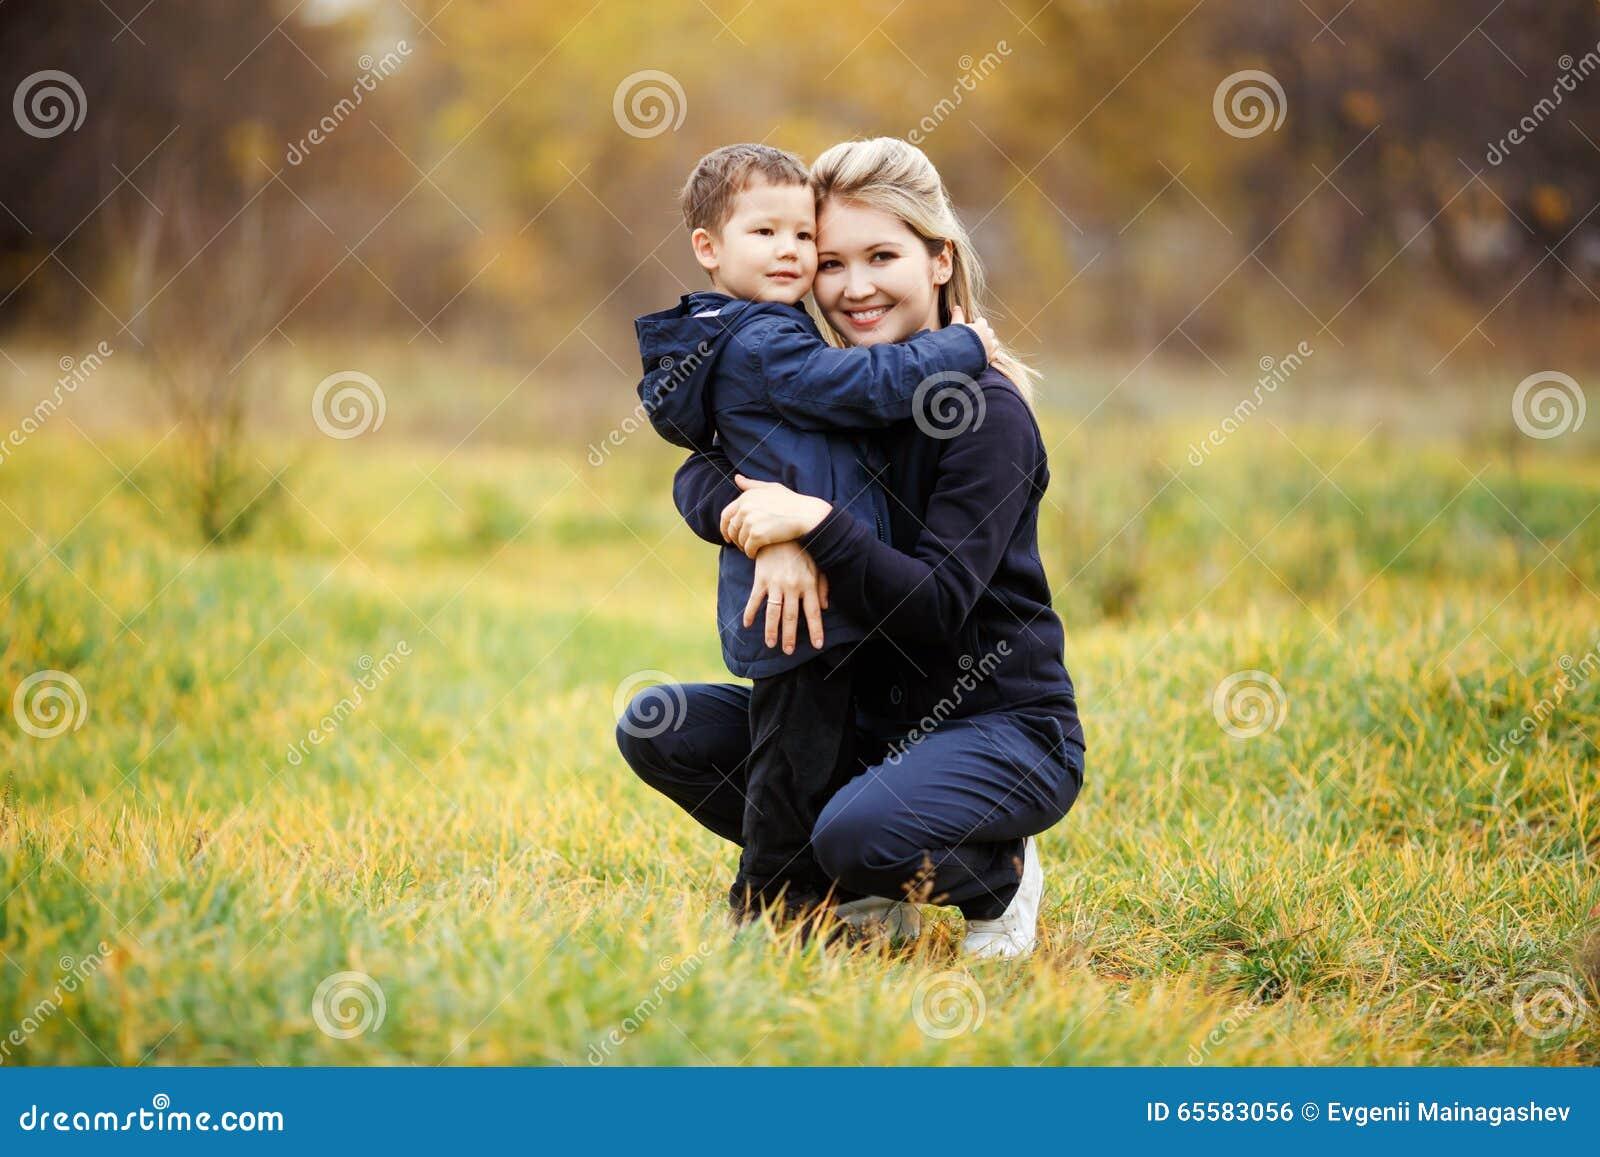 Junge Mutter und Sohn im Herbst Forest Park, gelbes Laub beiläufige Abnutzung Kindertragender Matrose Unvollständige Familie